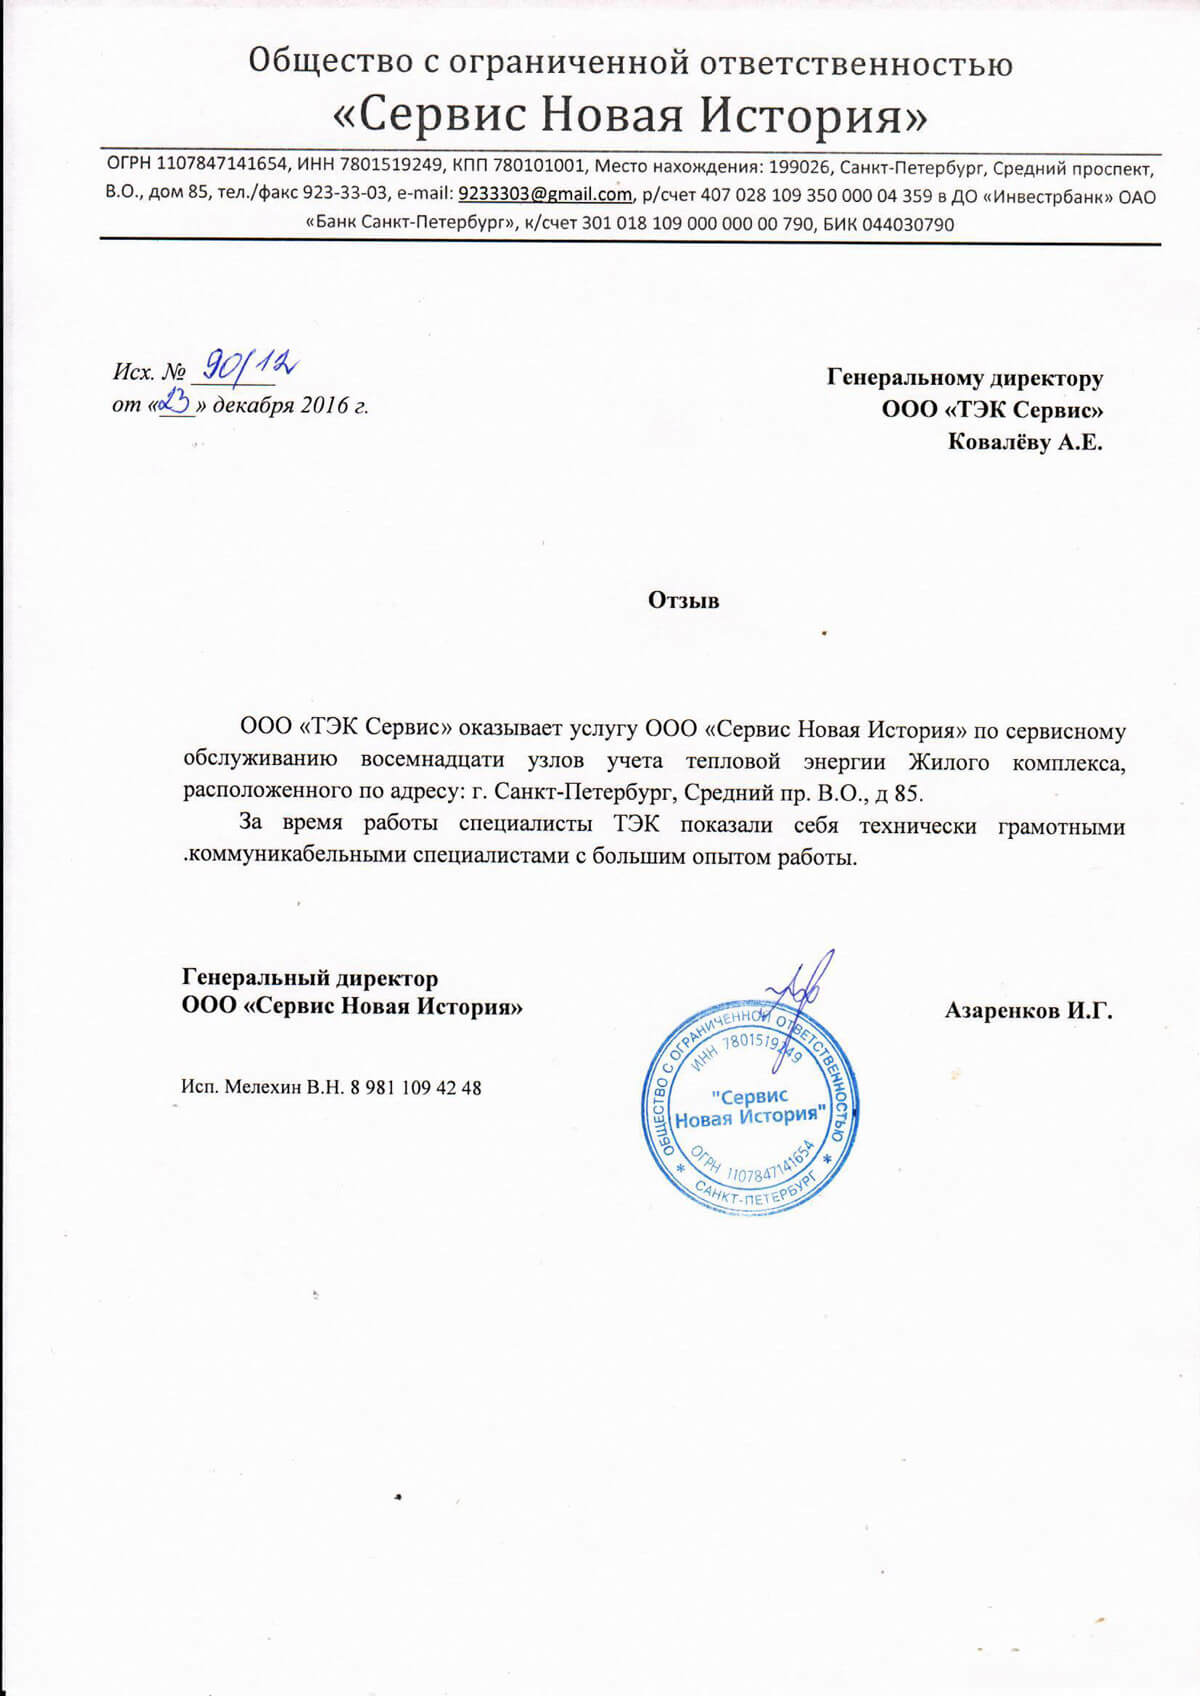 Отзыв от ООО «Сервис Новая История»